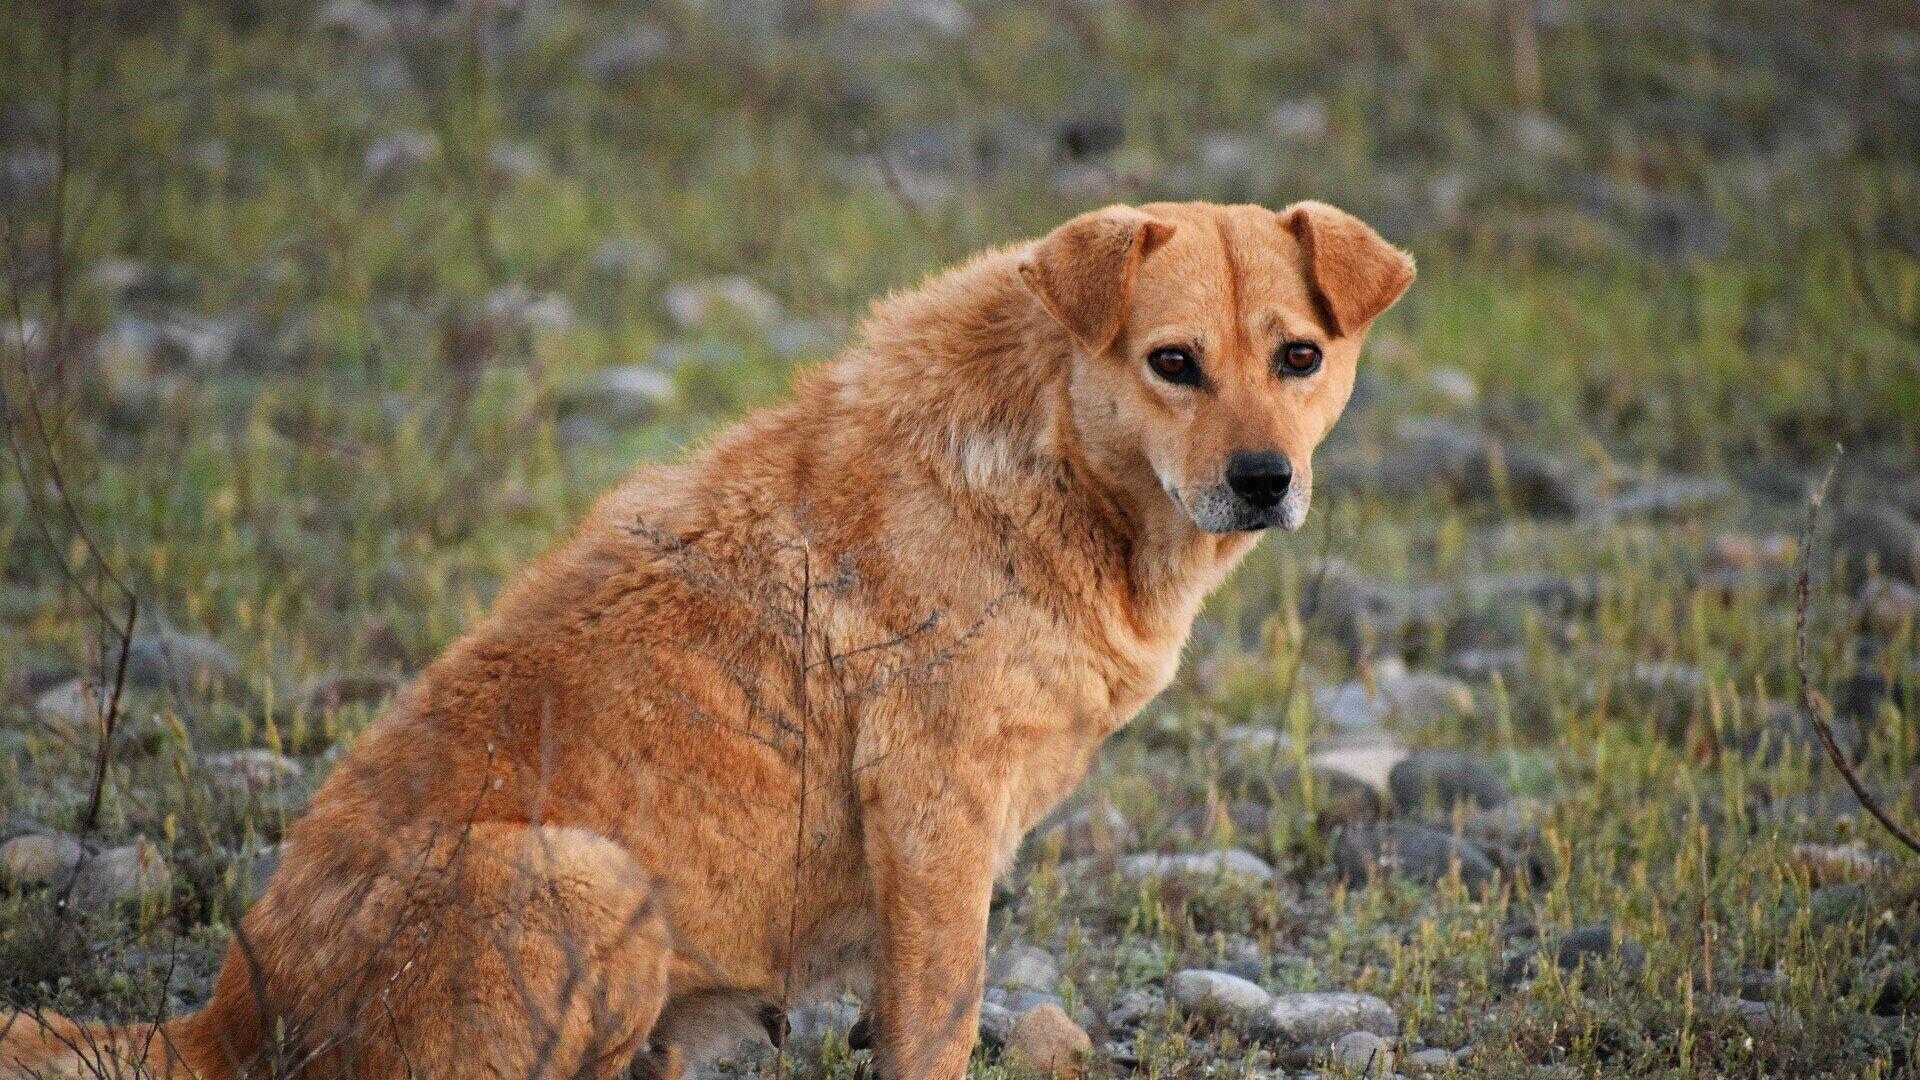 Un perro callejero (imagen referencial) - Sputnik Mundo, 1920, 21.08.2021